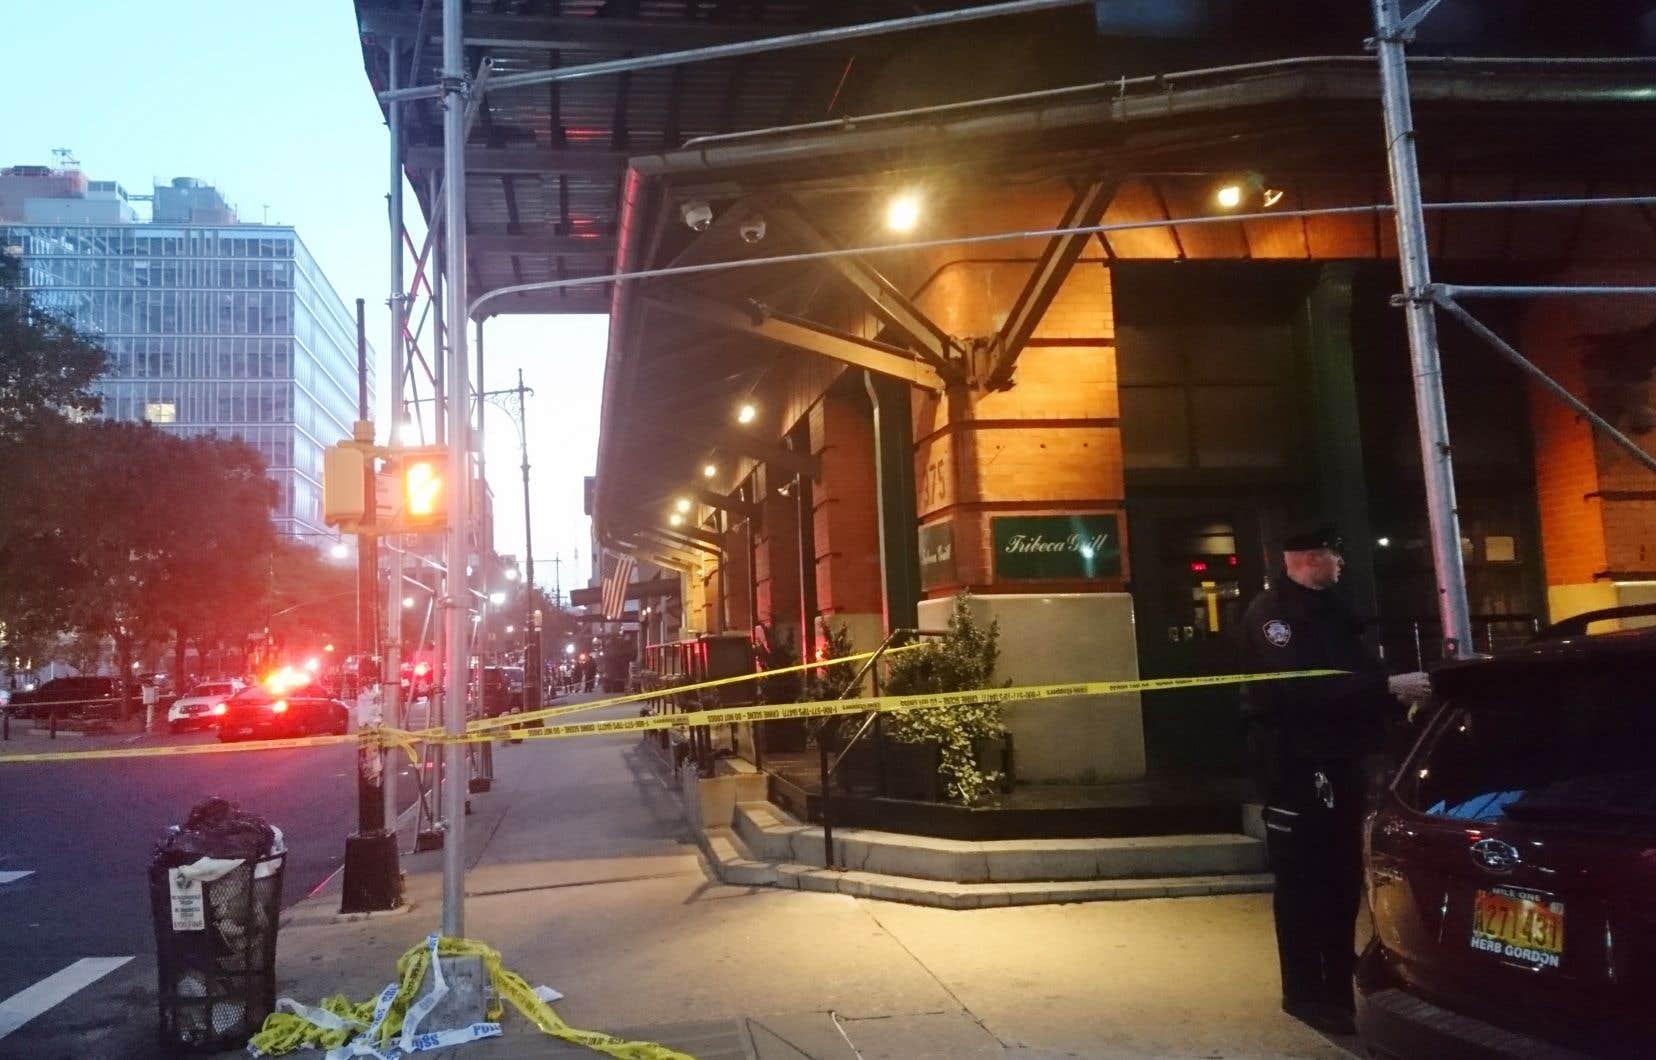 La police de New York enquête dans le secteur de Tribeca, à New York, où a été livré le colis suspect.